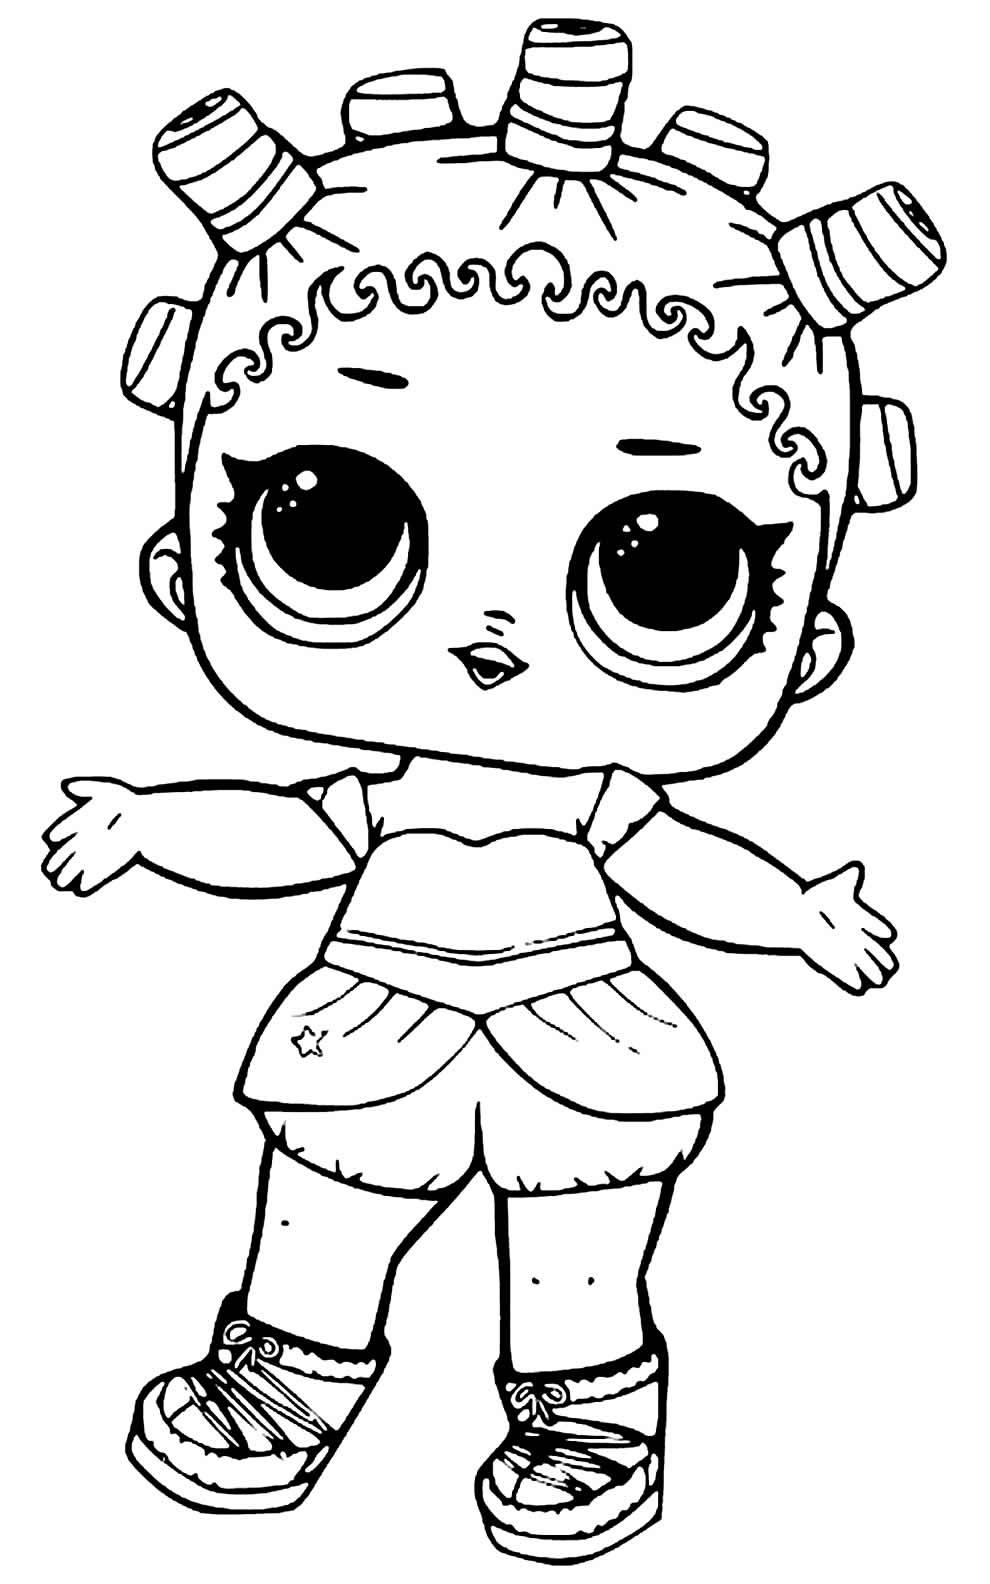 Imagem para colorir da Boneca LOL